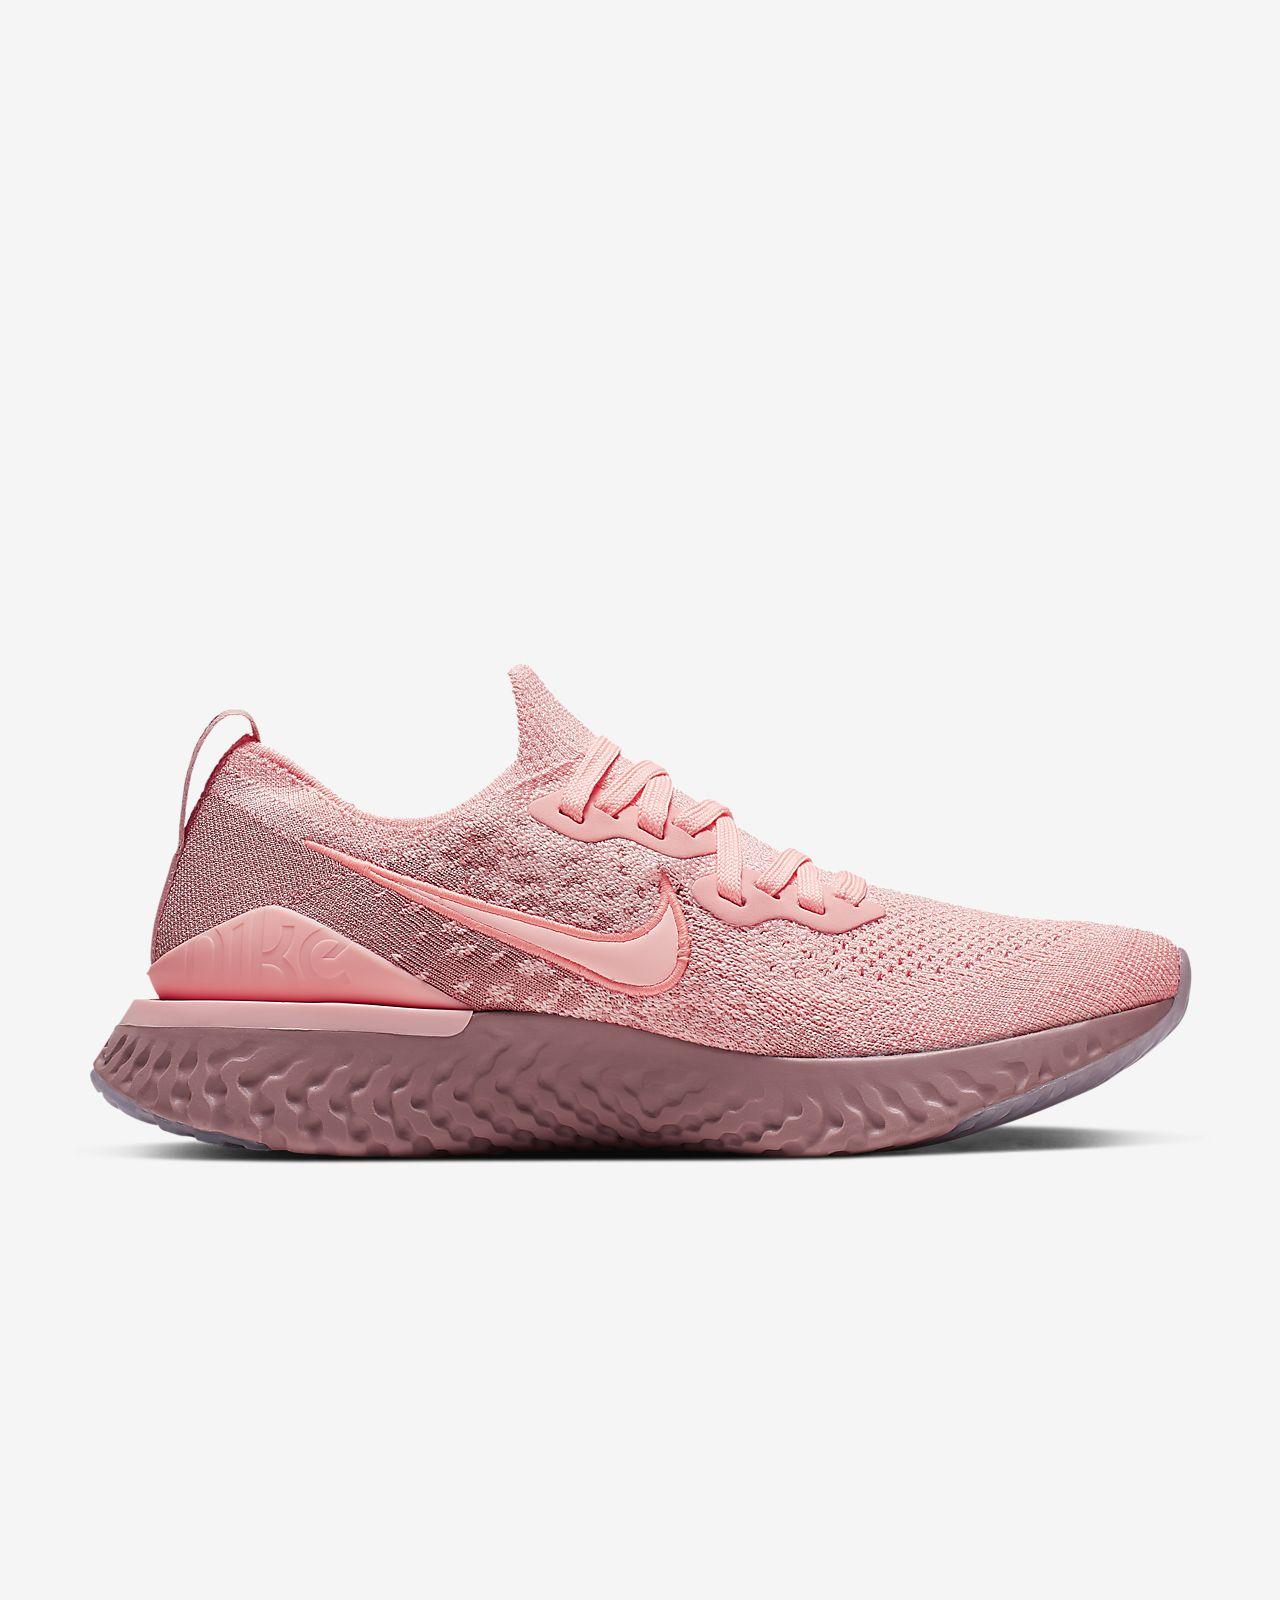 b5a08509953 Nike Epic React Flyknit 2 Women's Running Shoe